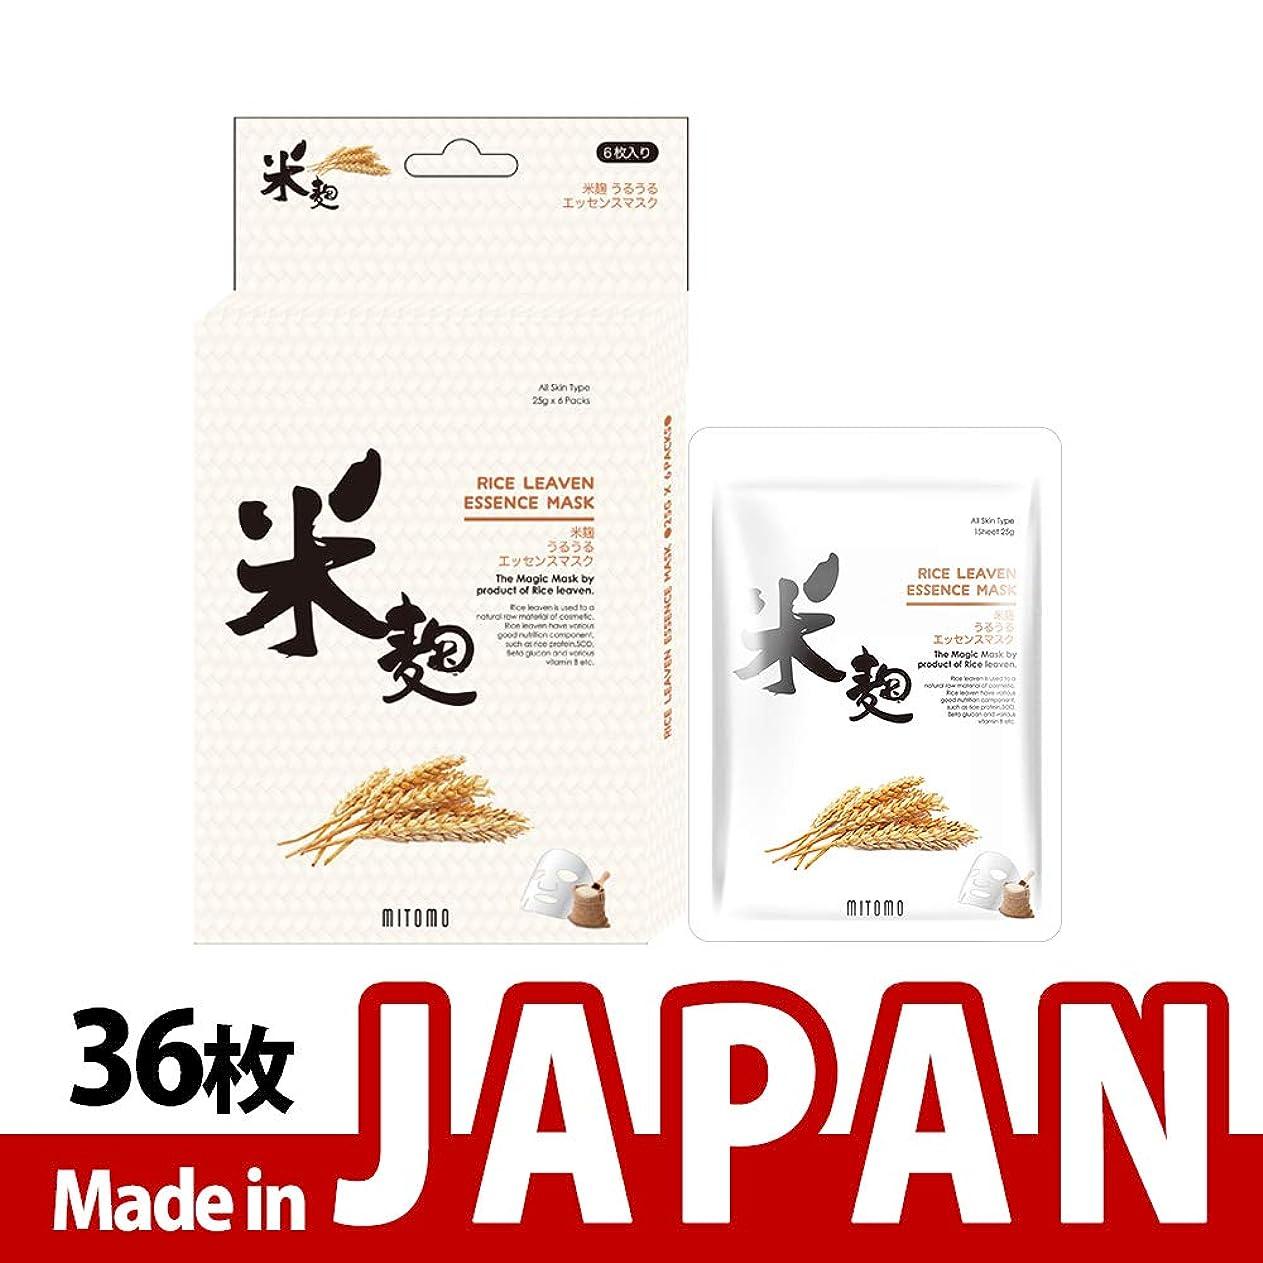 壊れた住所提供するMITOMO【JP512-E-4】日本製シートマスク/6枚入り/36枚/美容液/マスクパック/送料無料